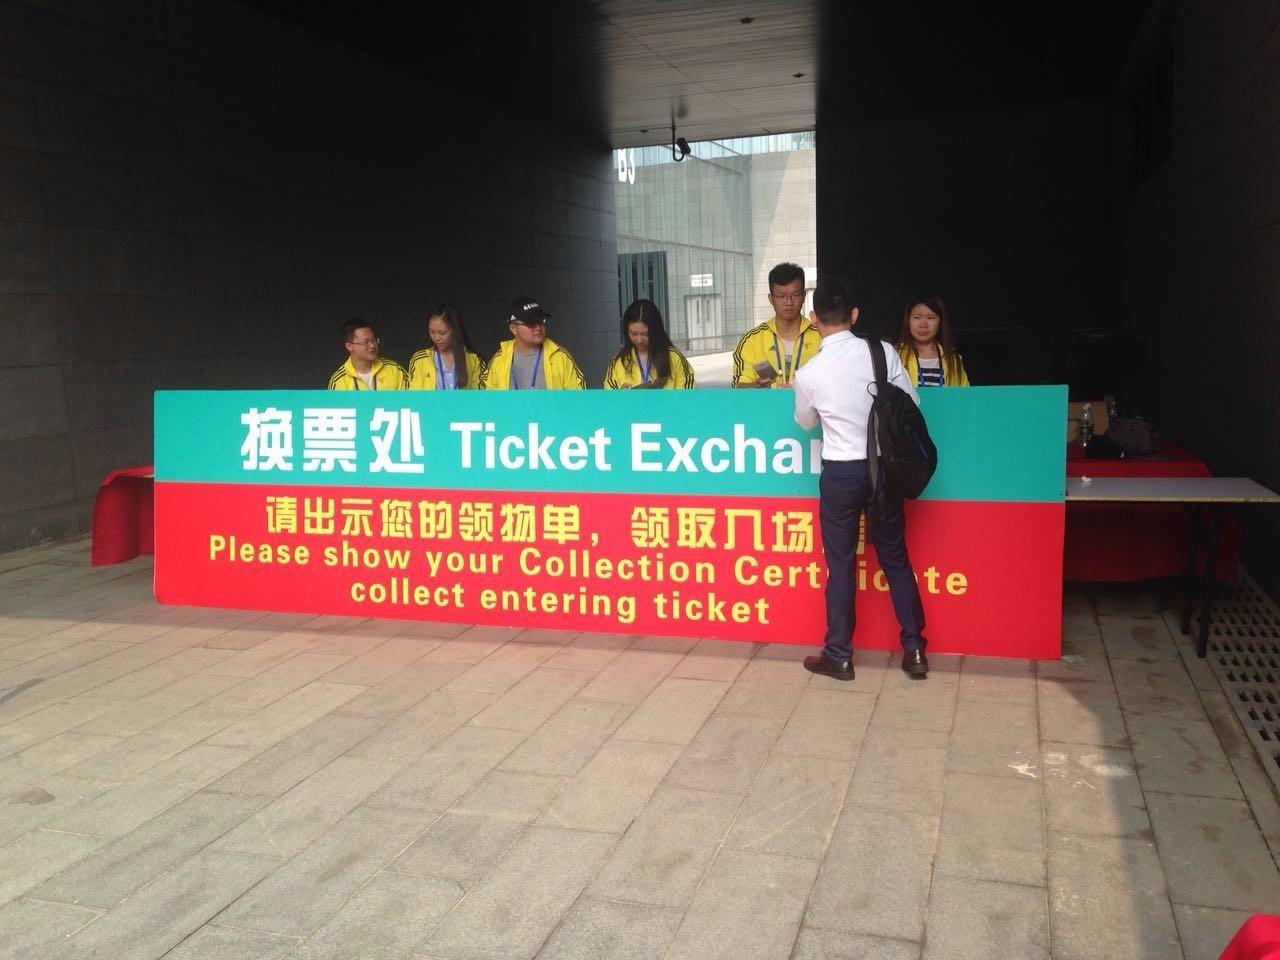 这里不用提交领物单,毕竟也有专门参观博览会的观众。然后进到会场门口。